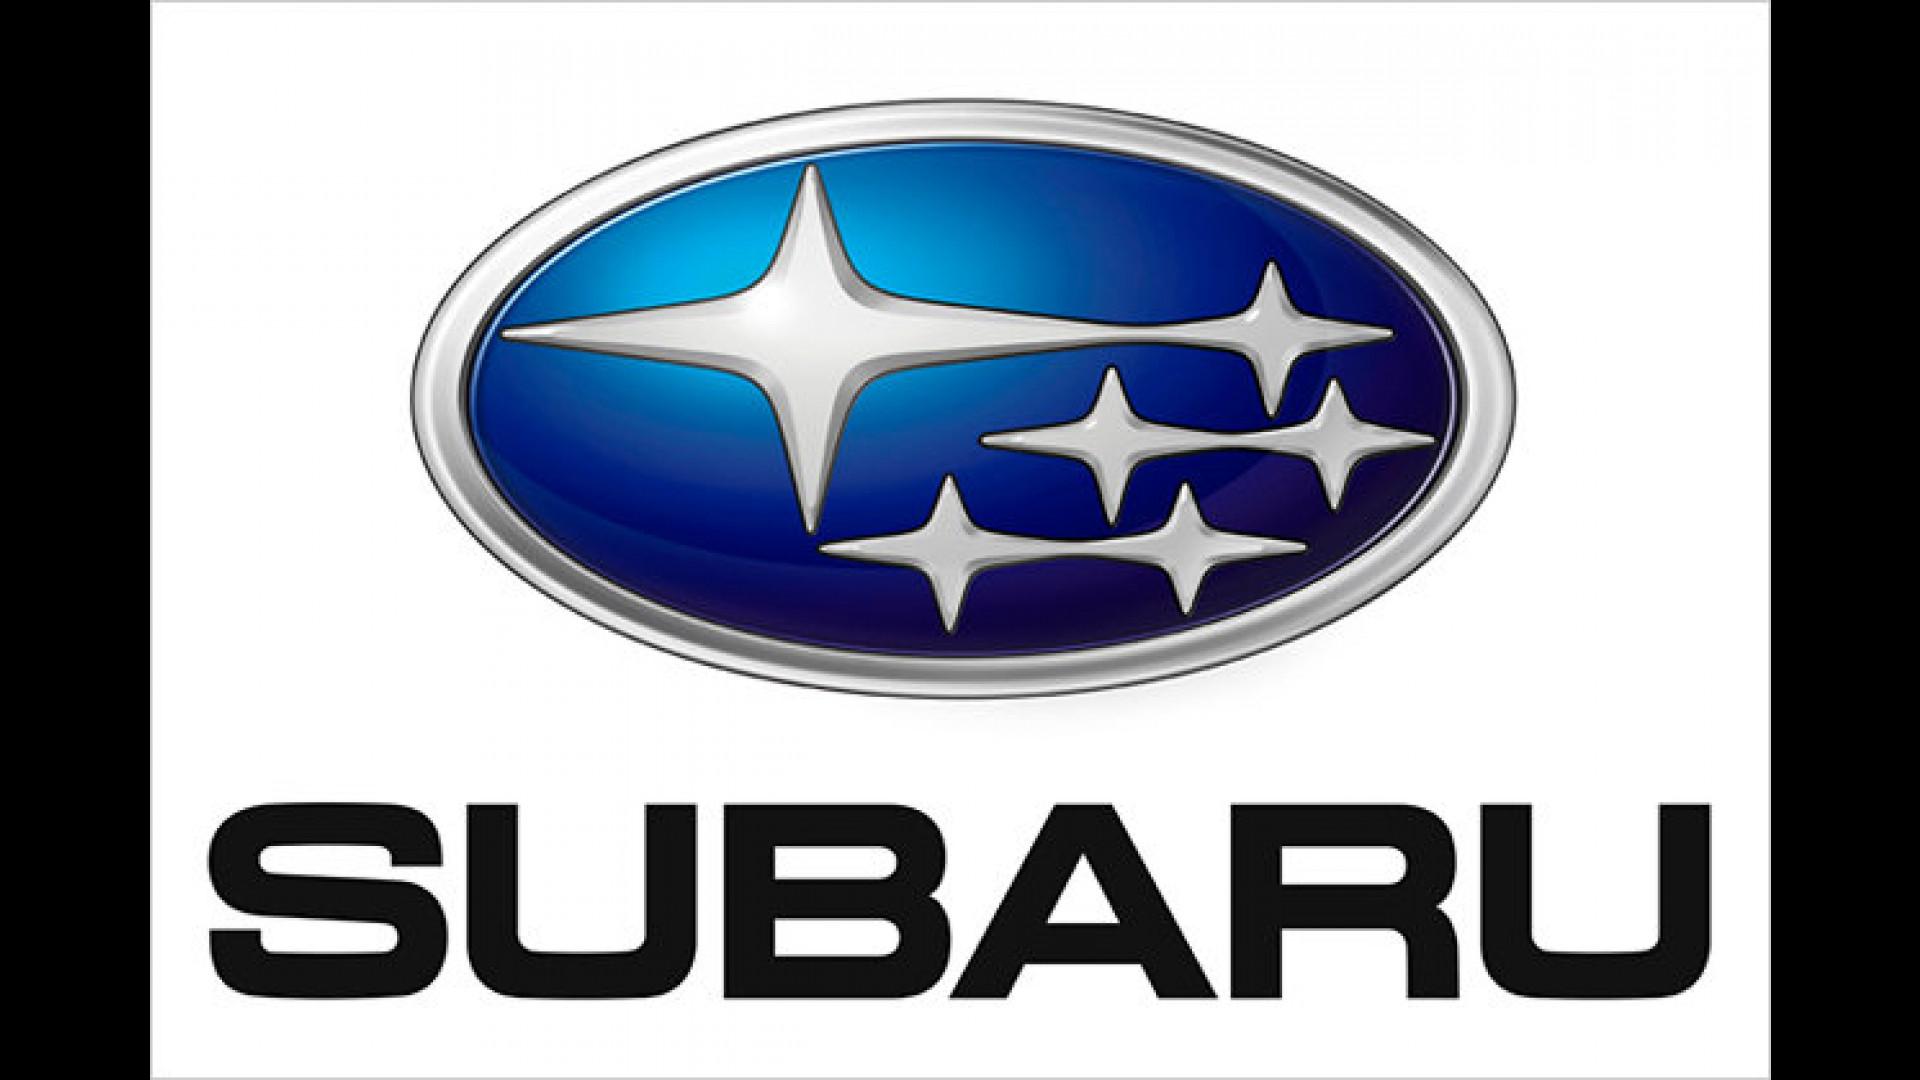 Pins/anstecknadeln Clever Citroen Pin Badge Logo Schriftzug Rot Silber Schriftzug Kunden Zuerst Automobilia